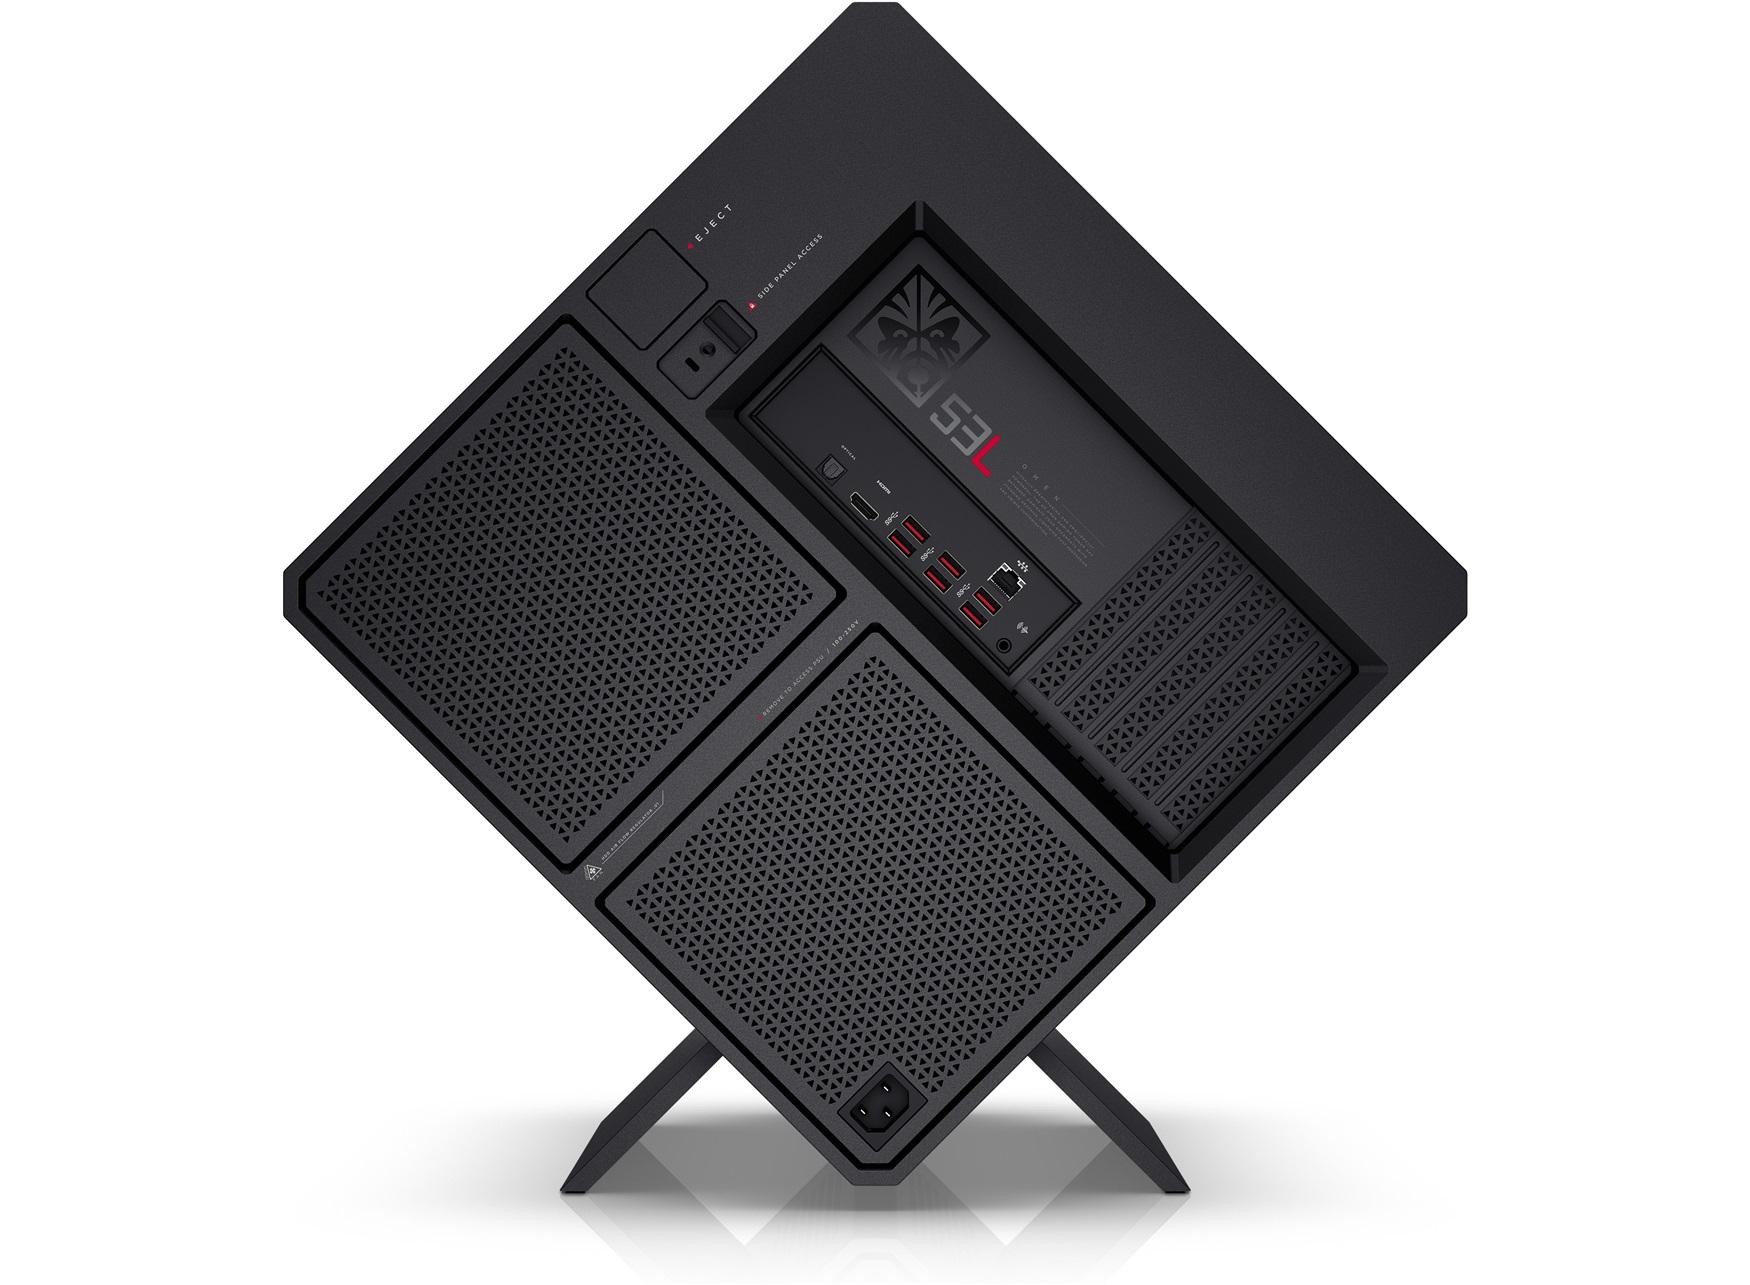 HP OMEN 900-002la 2.7GHz i5-6400 Scrivania Nero, Rosso PC